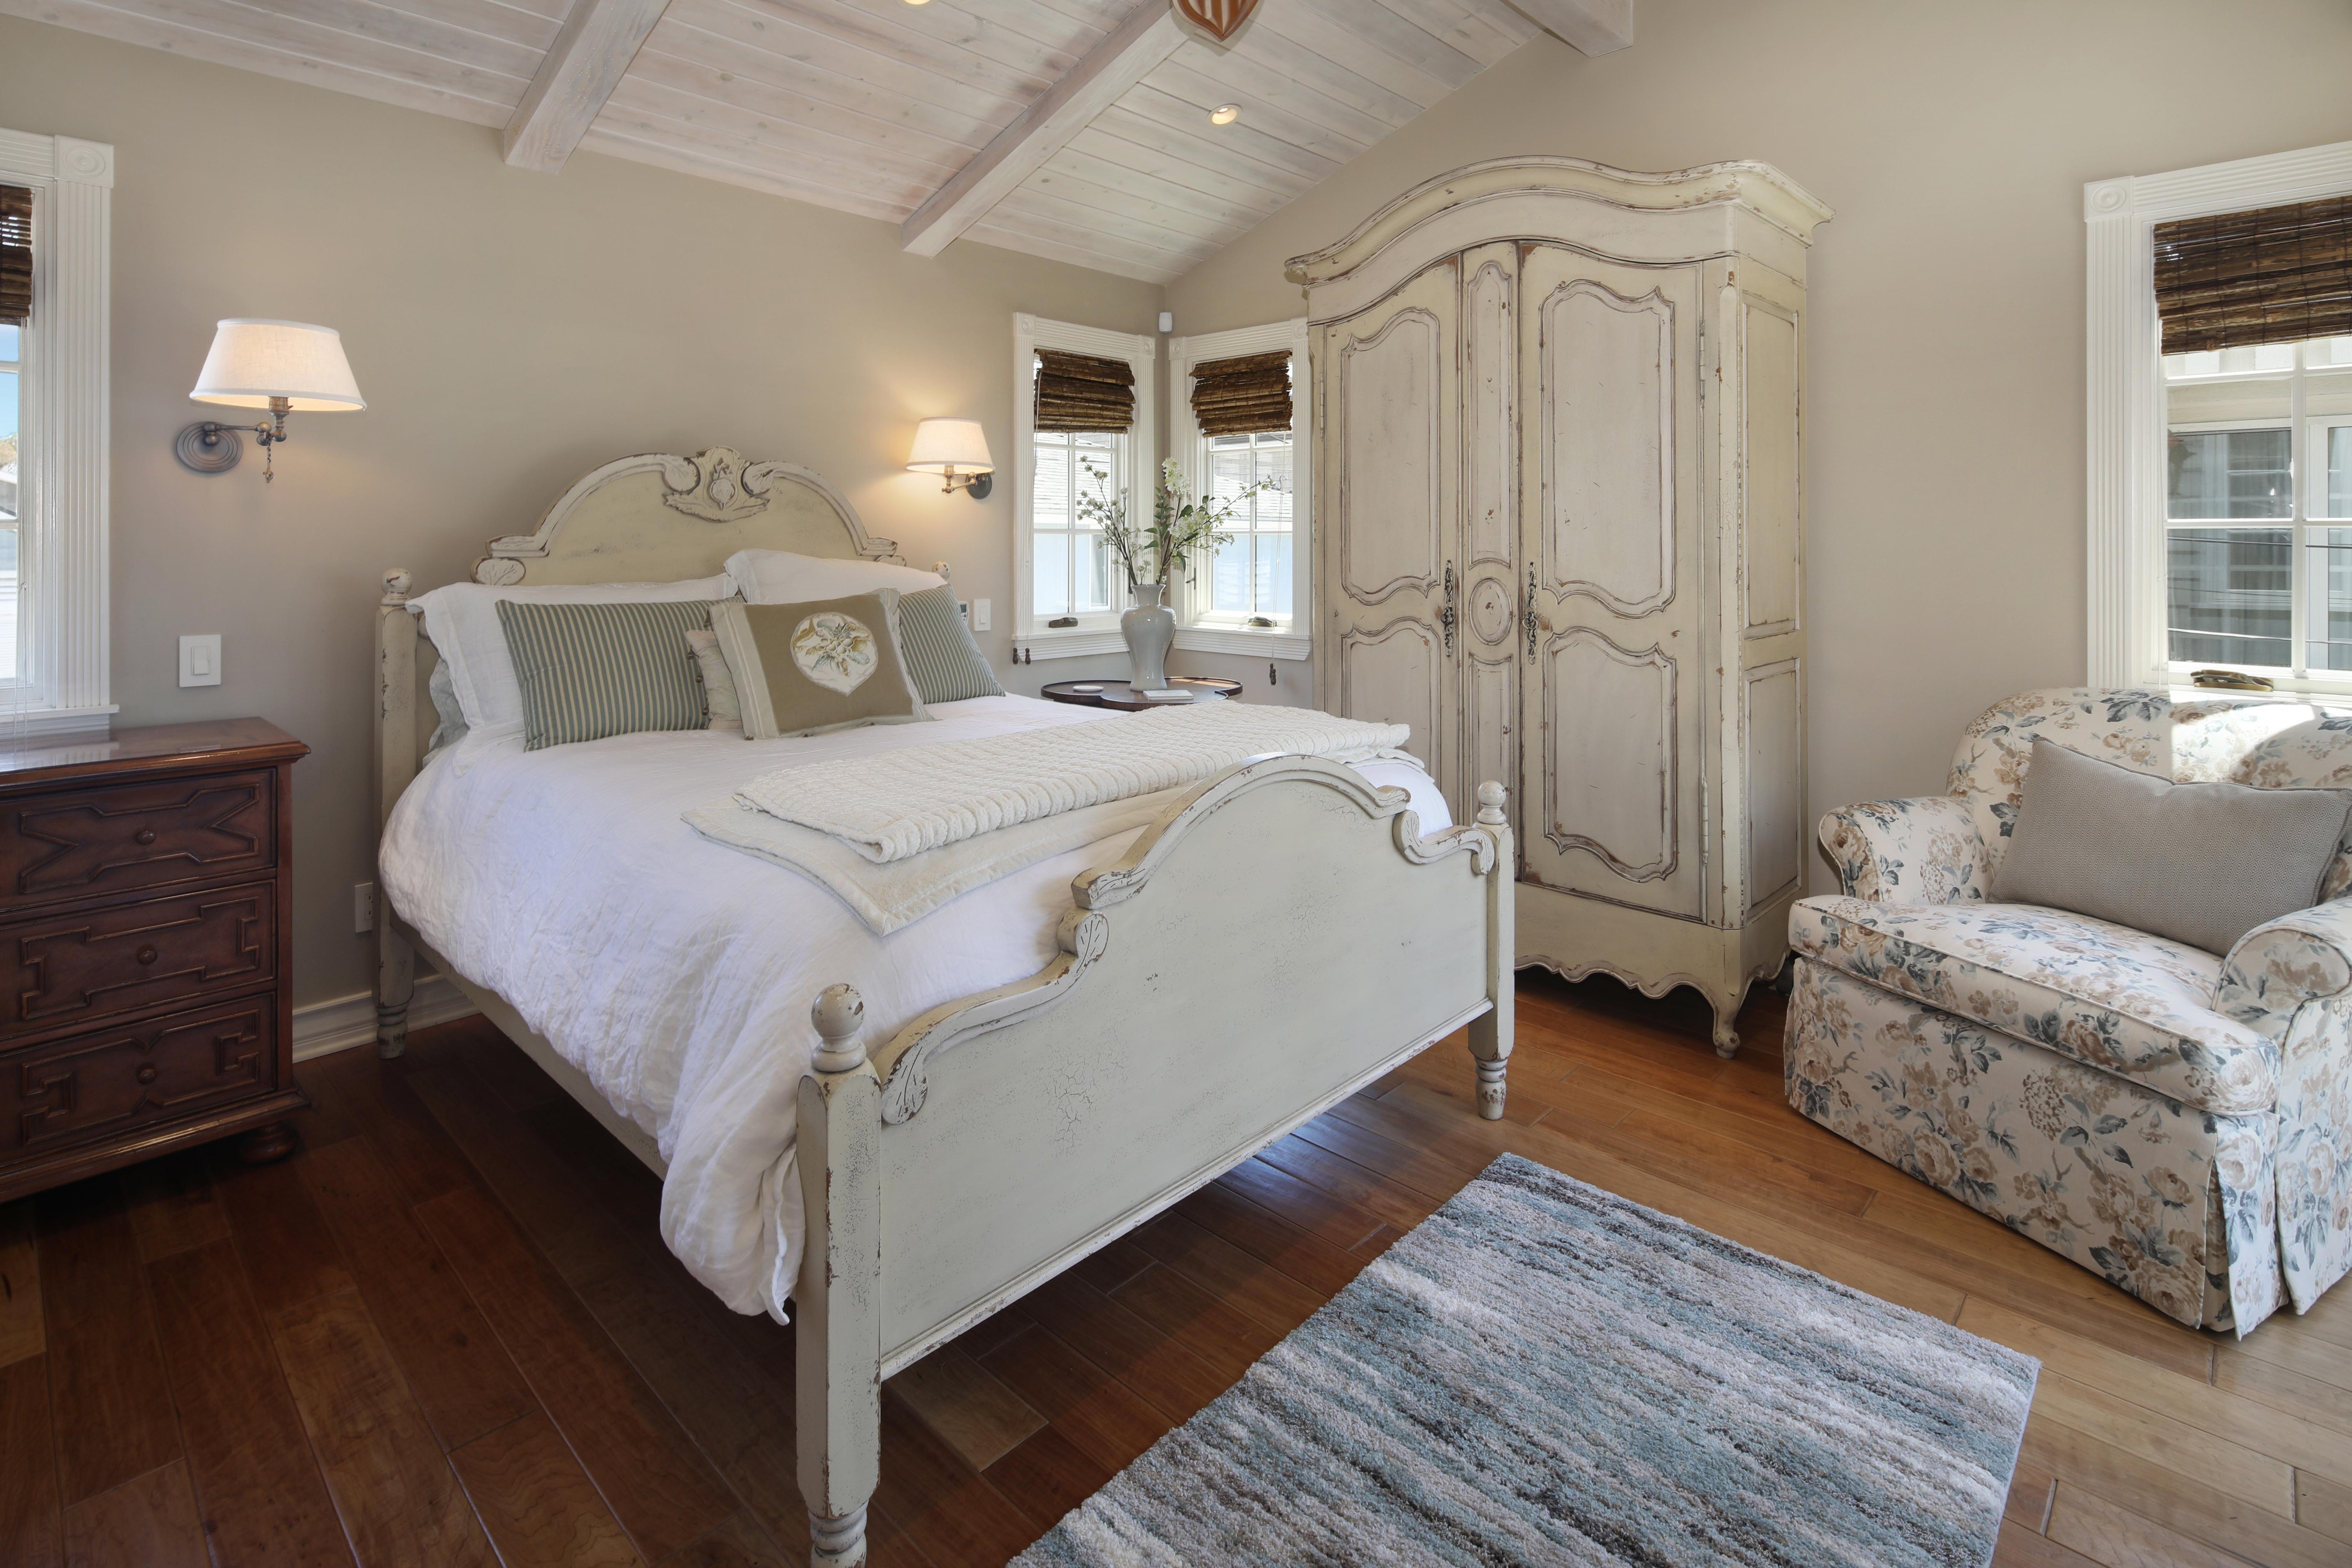 Фотография спальне Интерьер ламп Кресло постель дизайна 5616x3744 спальни Спальня лампы Лампа Кровать кровати Дизайн